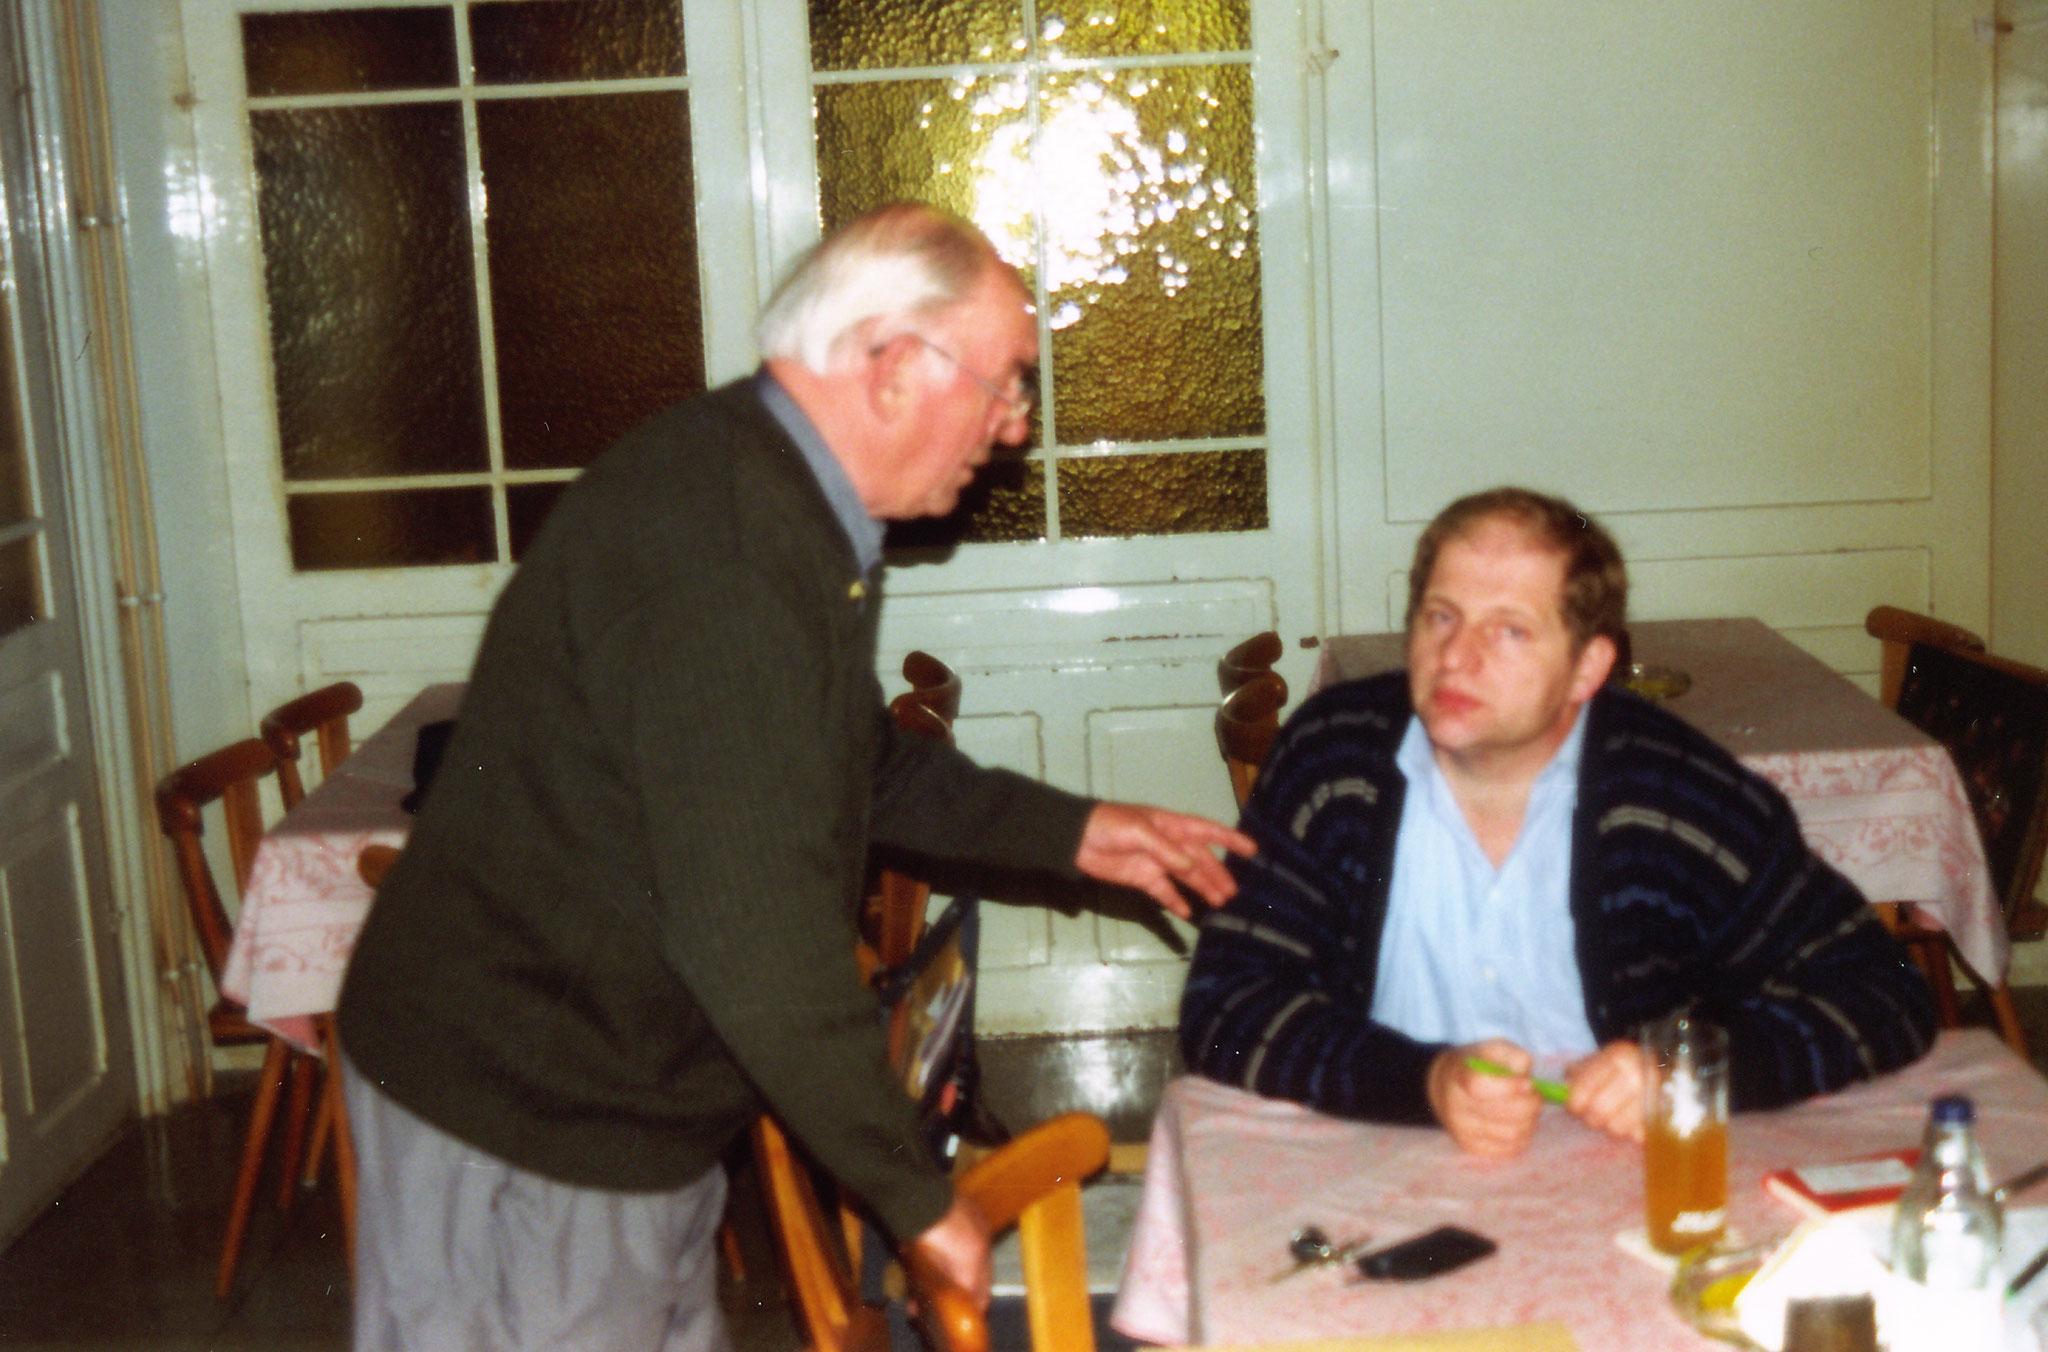 Herrn Schmidt Helmut 2. Vorsitzender und Herrn Barhofer Manfred 1. Vorsitzender im Gespräch